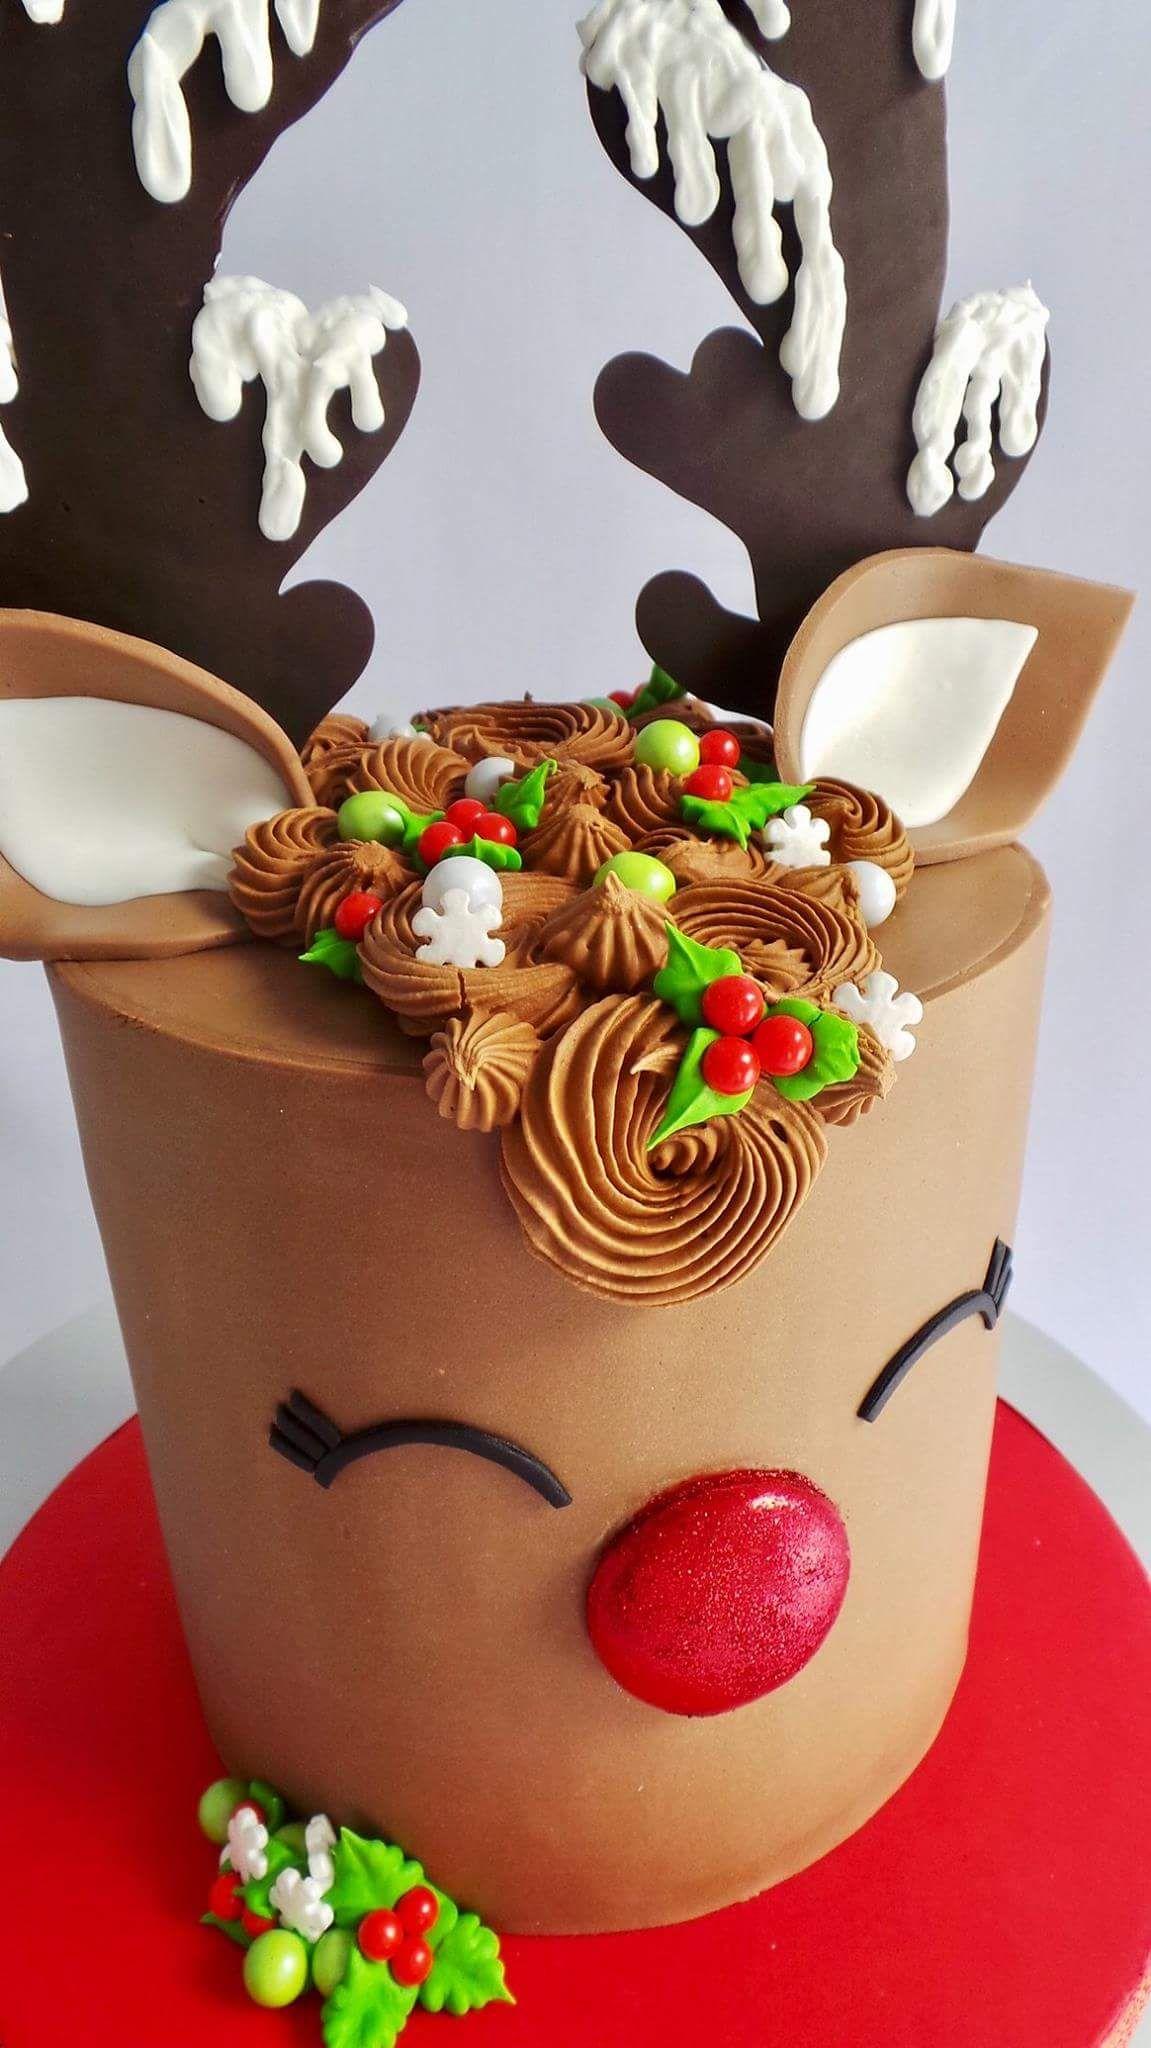 Pin von Maria Tolentino auf xmas cakes | Pinterest | Torten, Backen ...